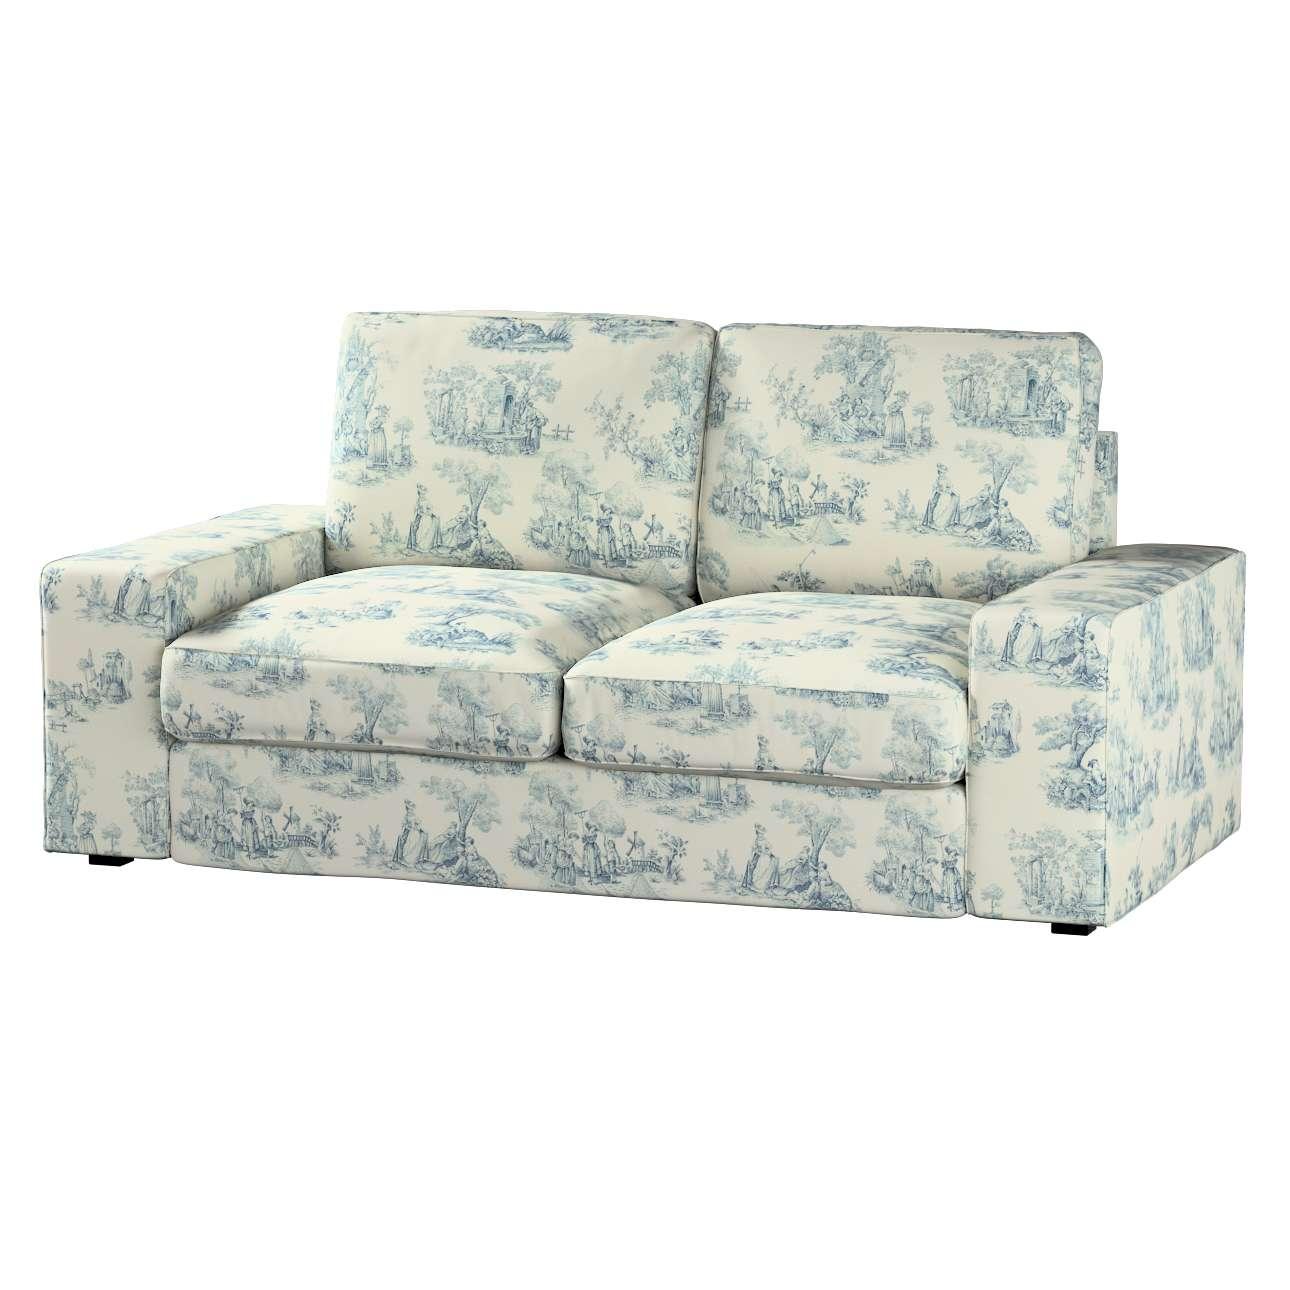 KIVIK dvivietės sofos užvalkalas Kivik 2-seat sofa kolekcijoje Avinon, audinys: 132-66